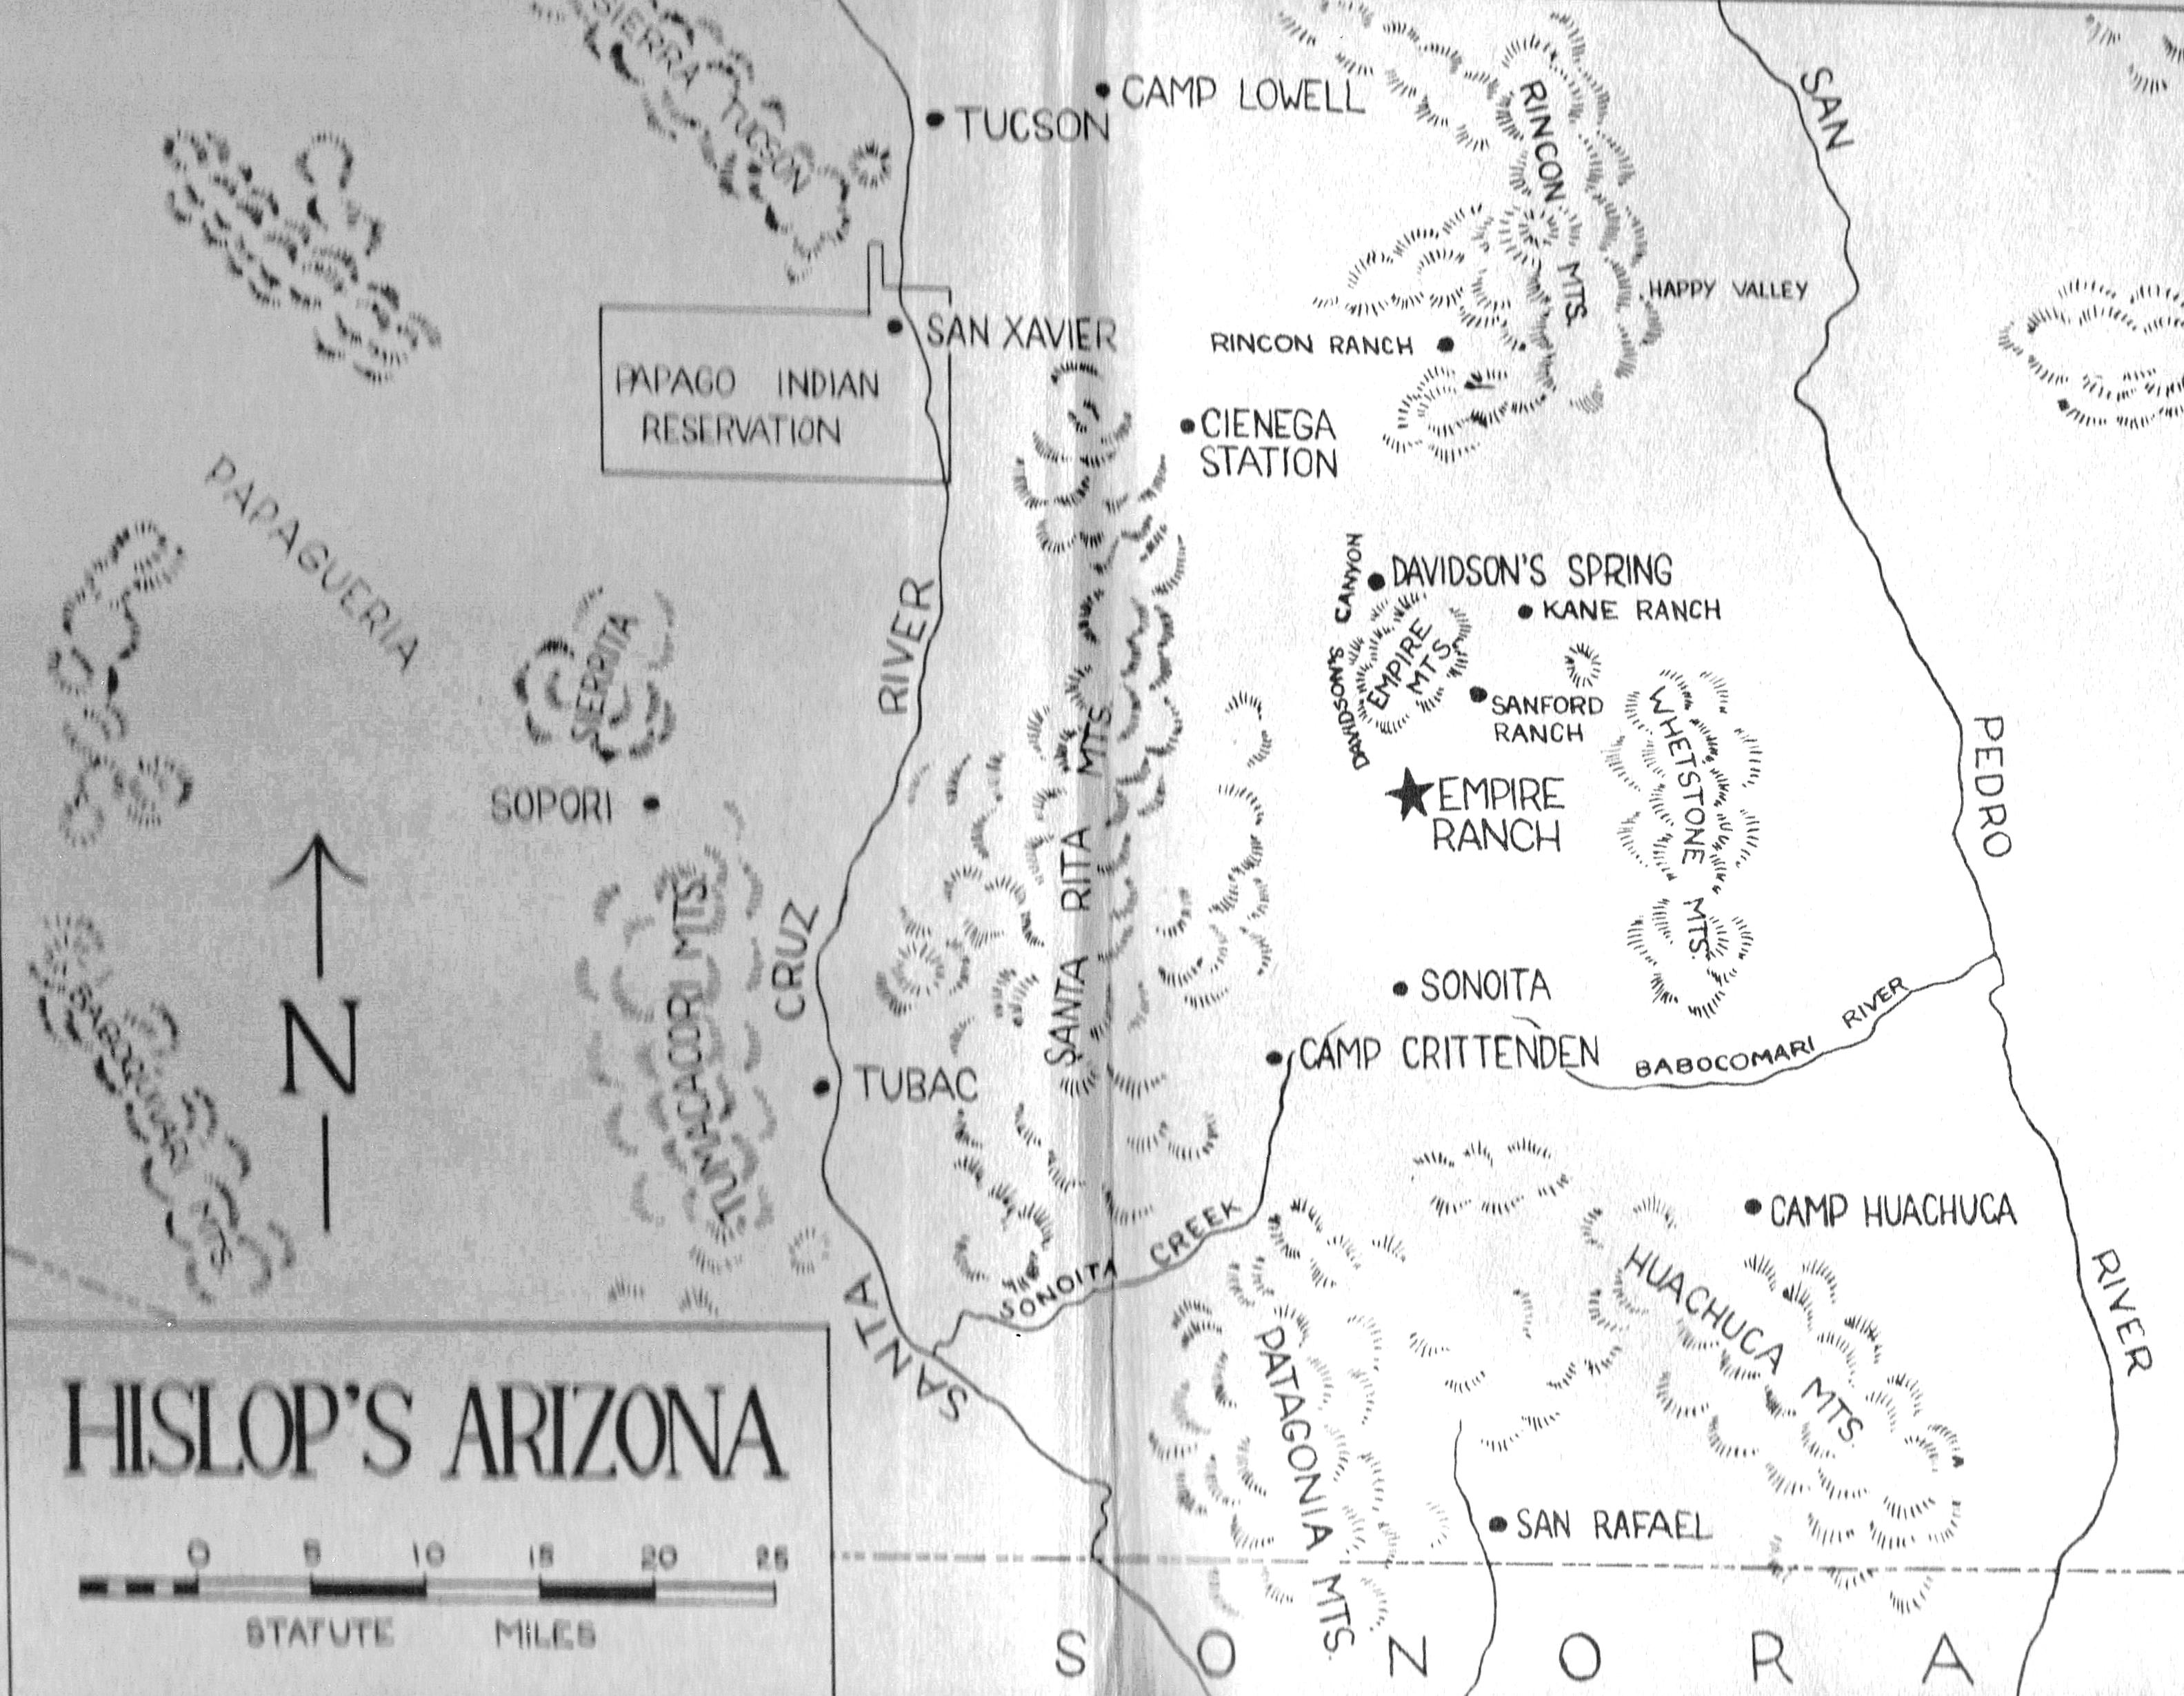 hislops az map original